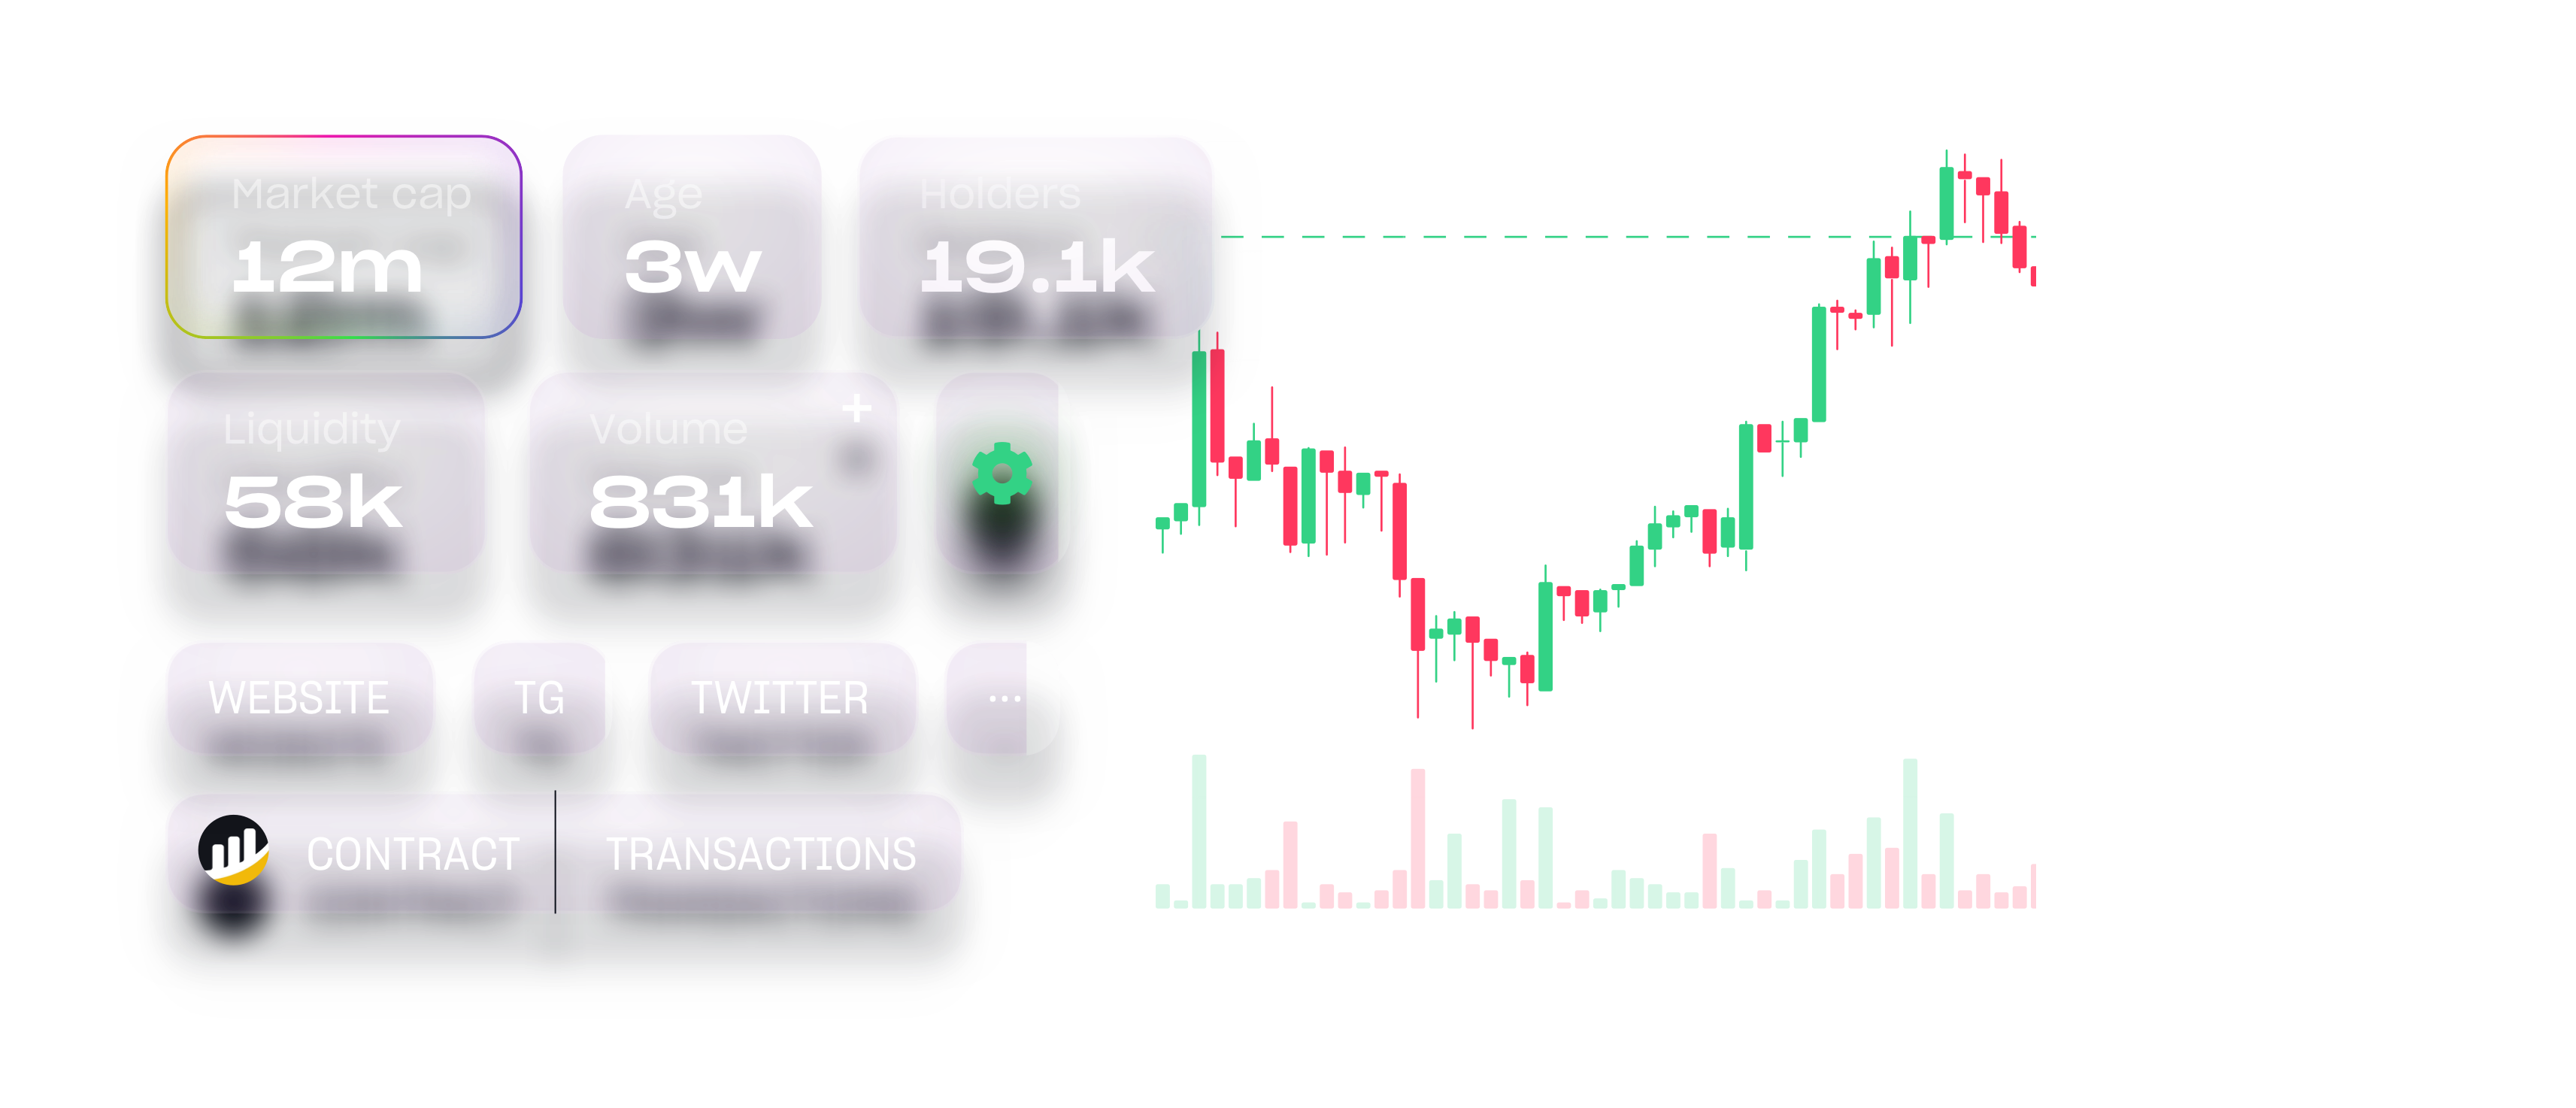 Sonar dashboard screenshot